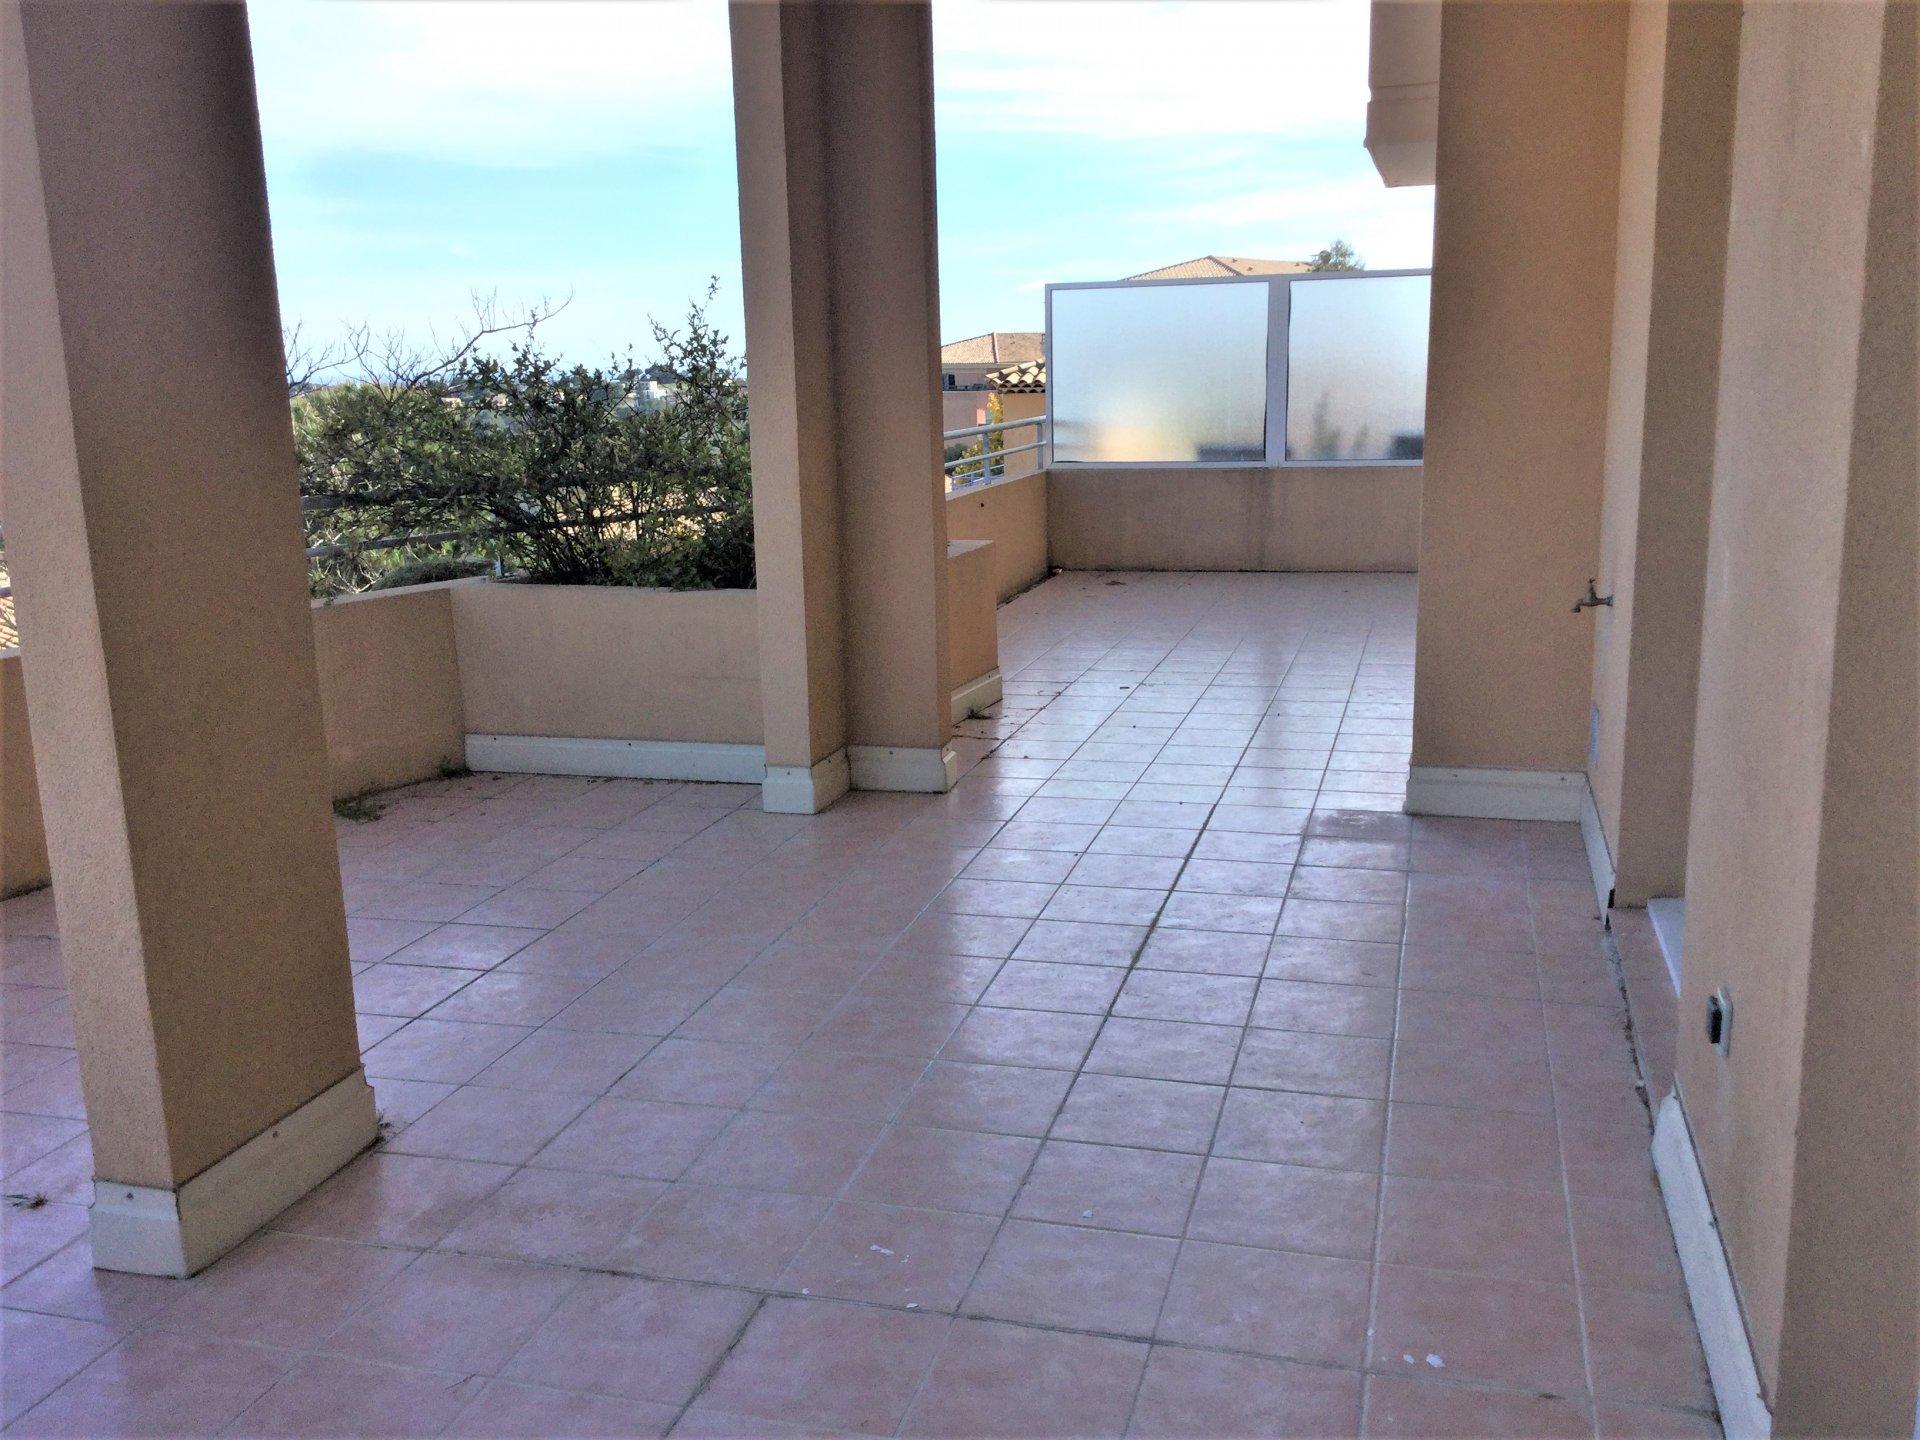 BIOT St. Philippe - Appartamento di 3 locali 66 m² - vista panoramica sul mare